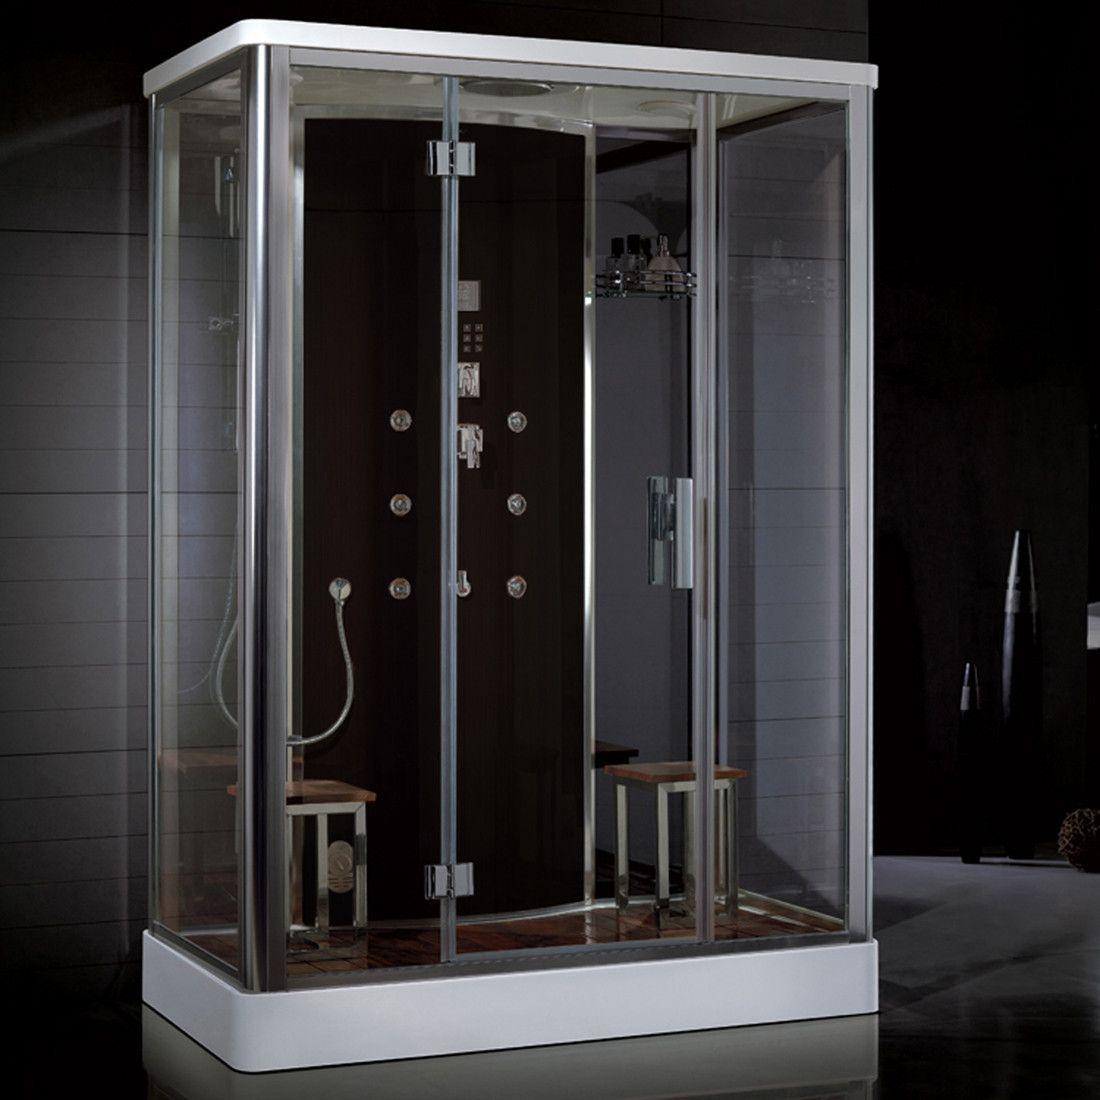 Ariel Platinum Dz956f8 Steam Shower Mega Supply Store 1 With